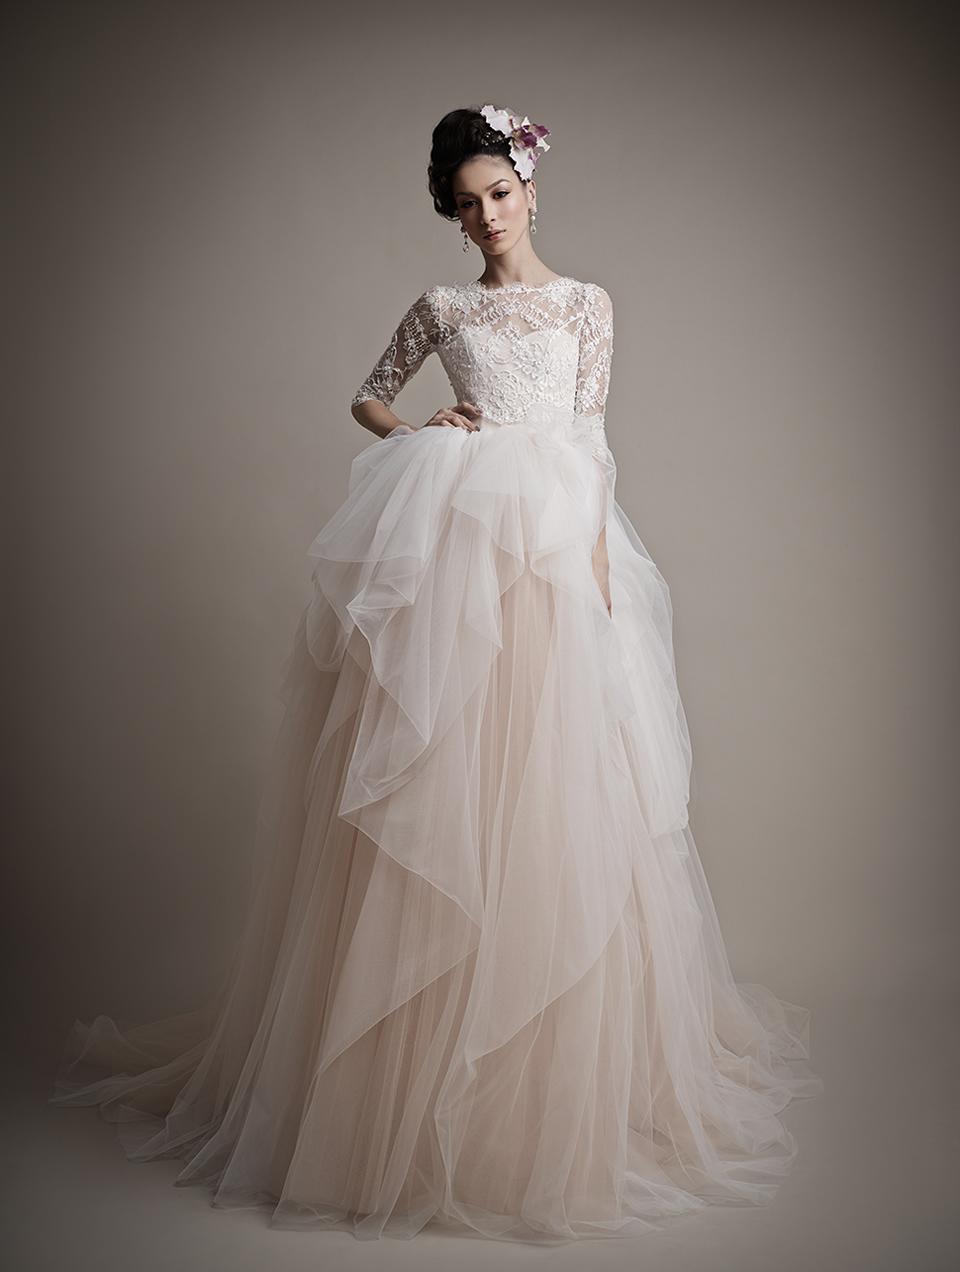 Коллекция свадебных платьев 2015 года от Ersa Atelier12